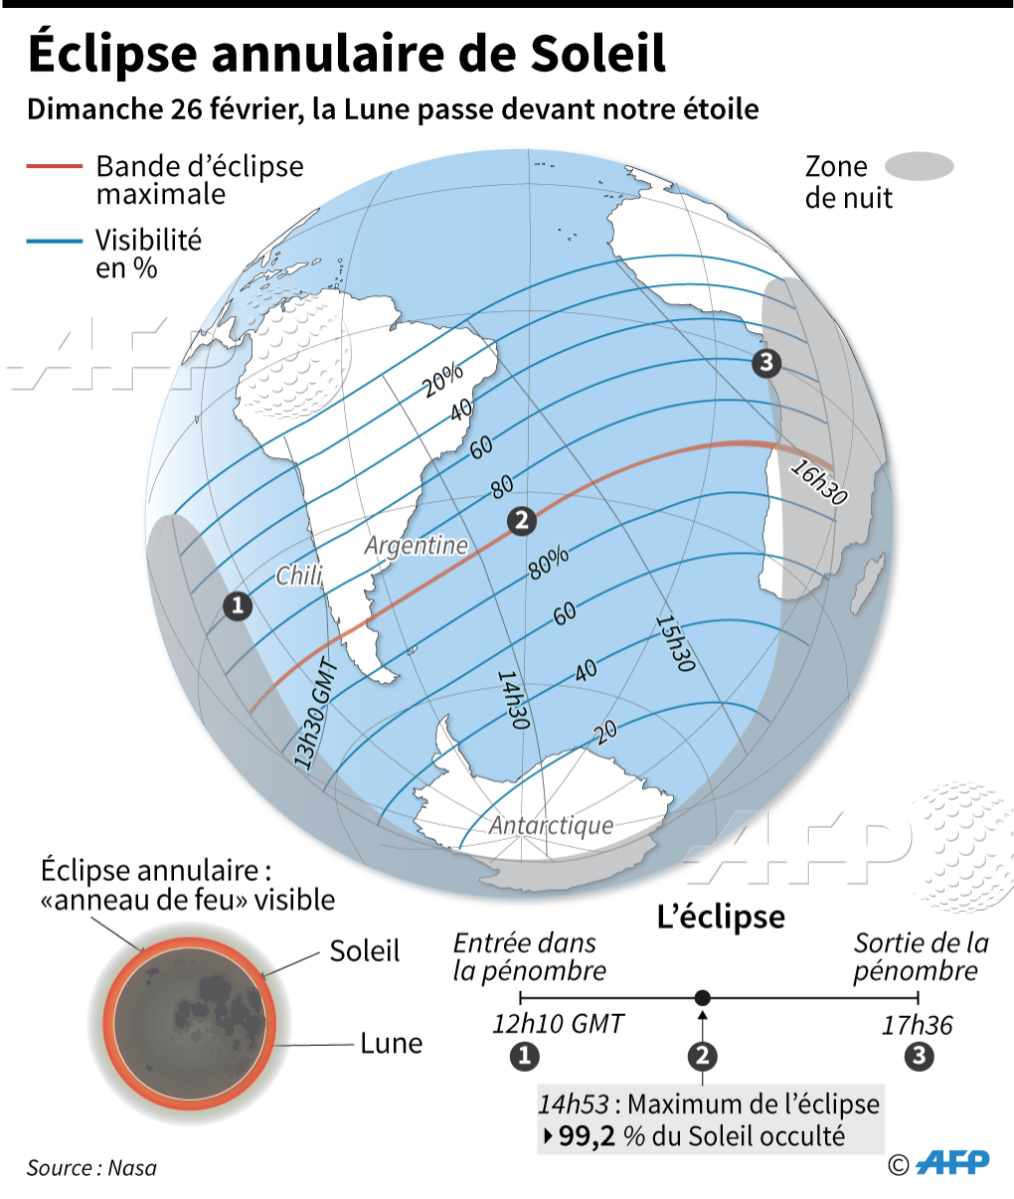 Trajet de l'éclipse annulaire de Soleil du 26 février dans l'hémisphère sud #AFP par @AFPgraphics